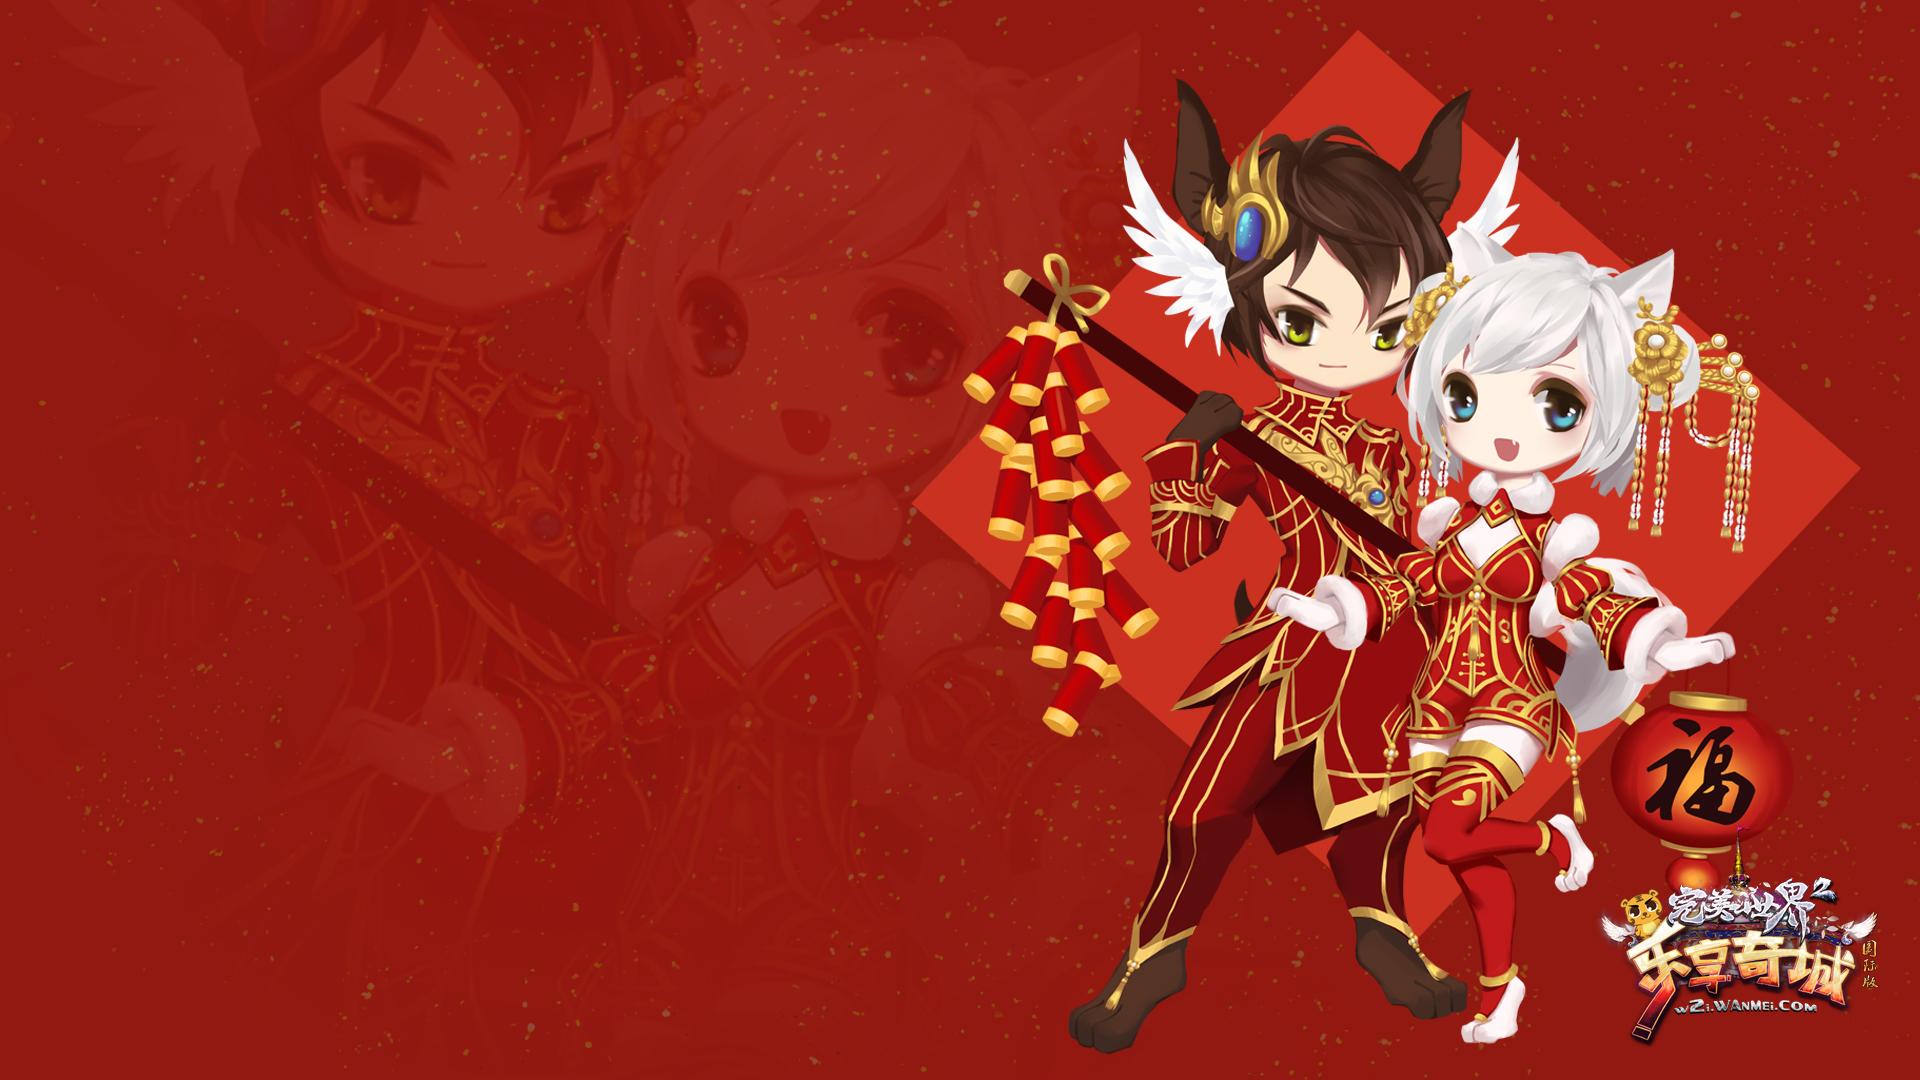 图片: 羽芒+妖精(杜宾+银狐)-壁纸.jpg